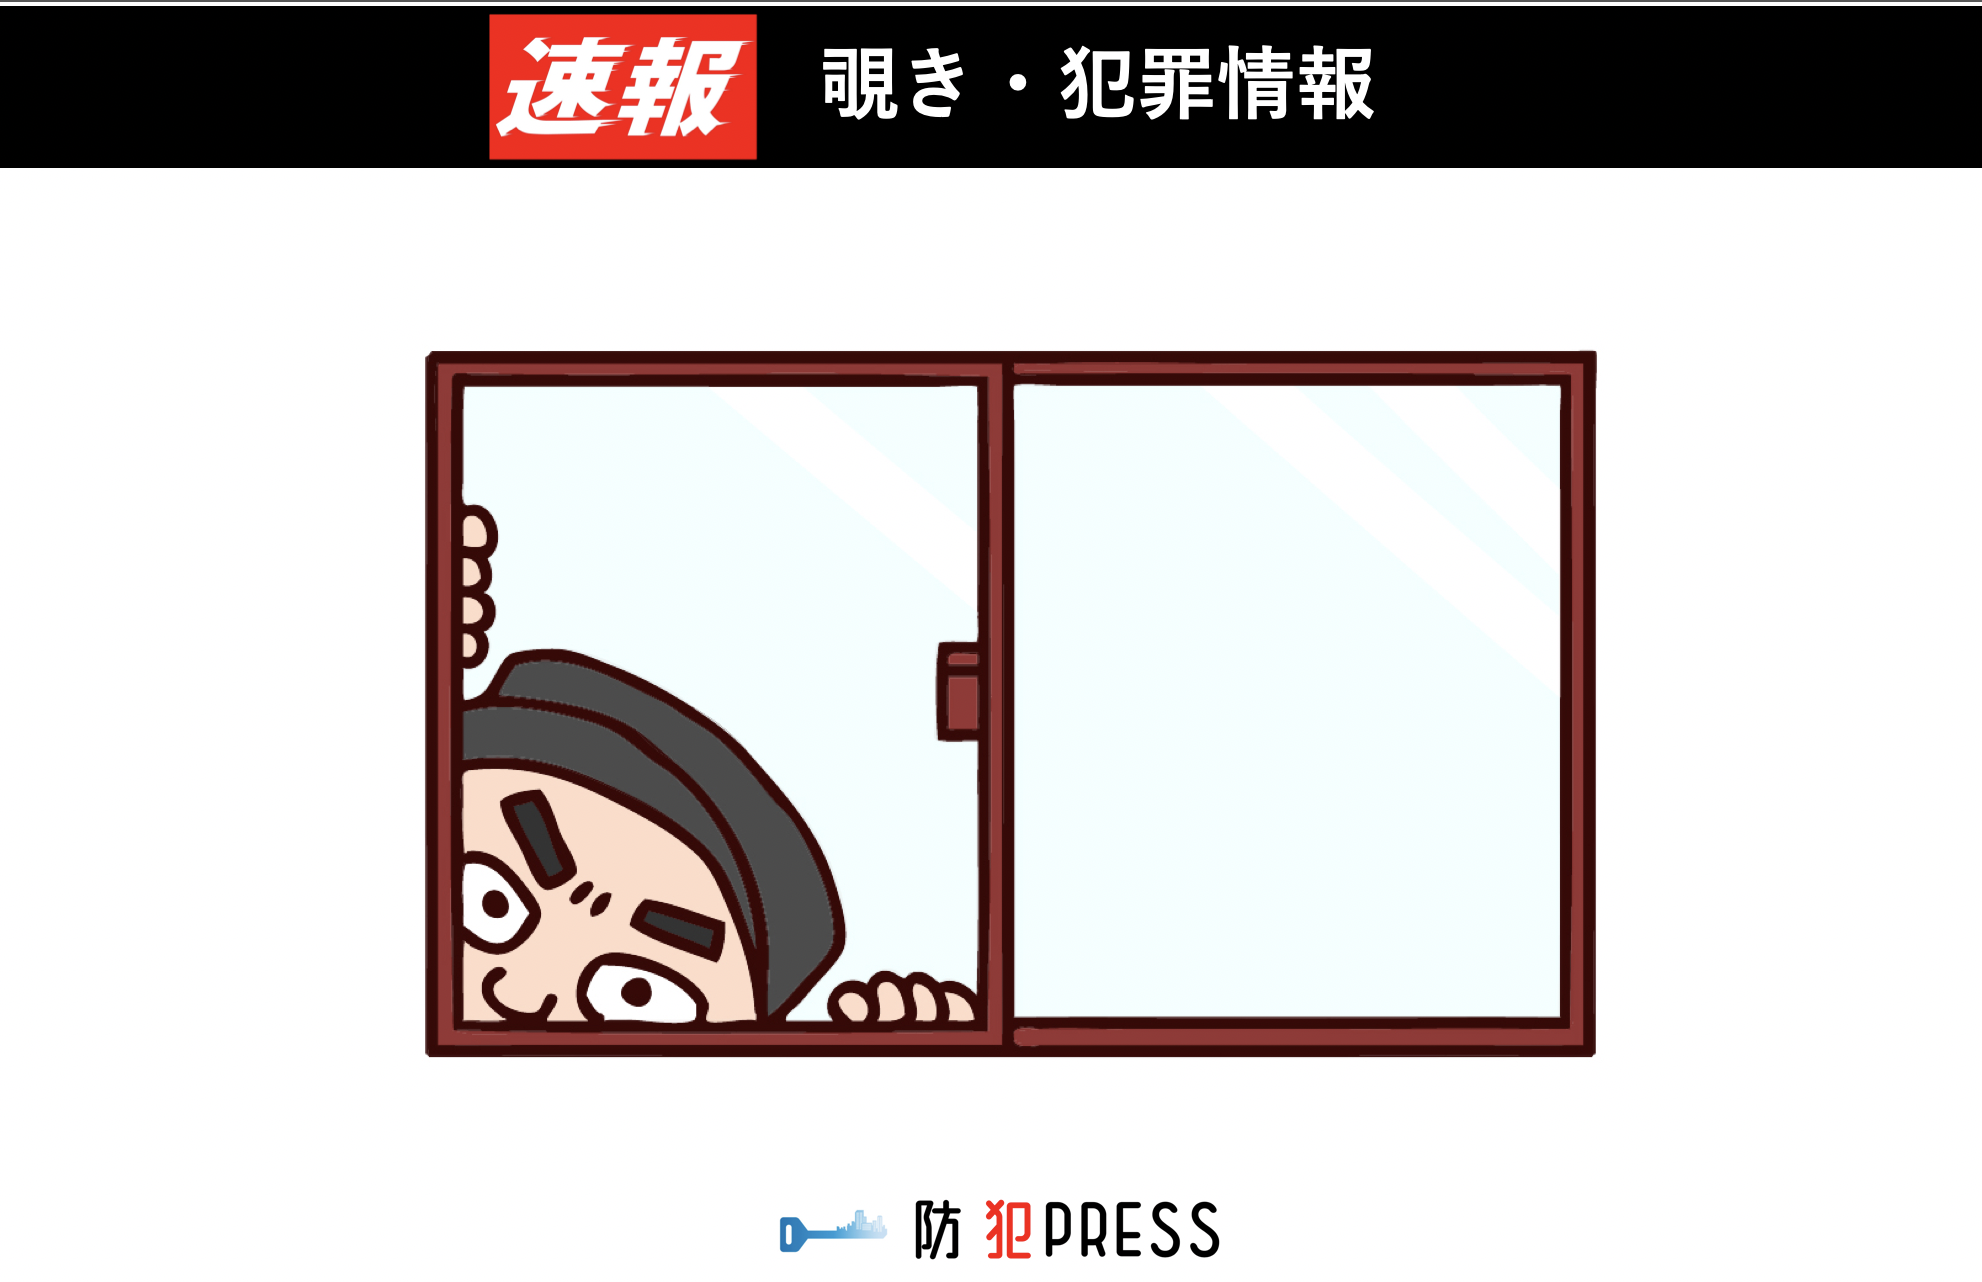 「ひばり君防犯メール【その他の犯罪情報】